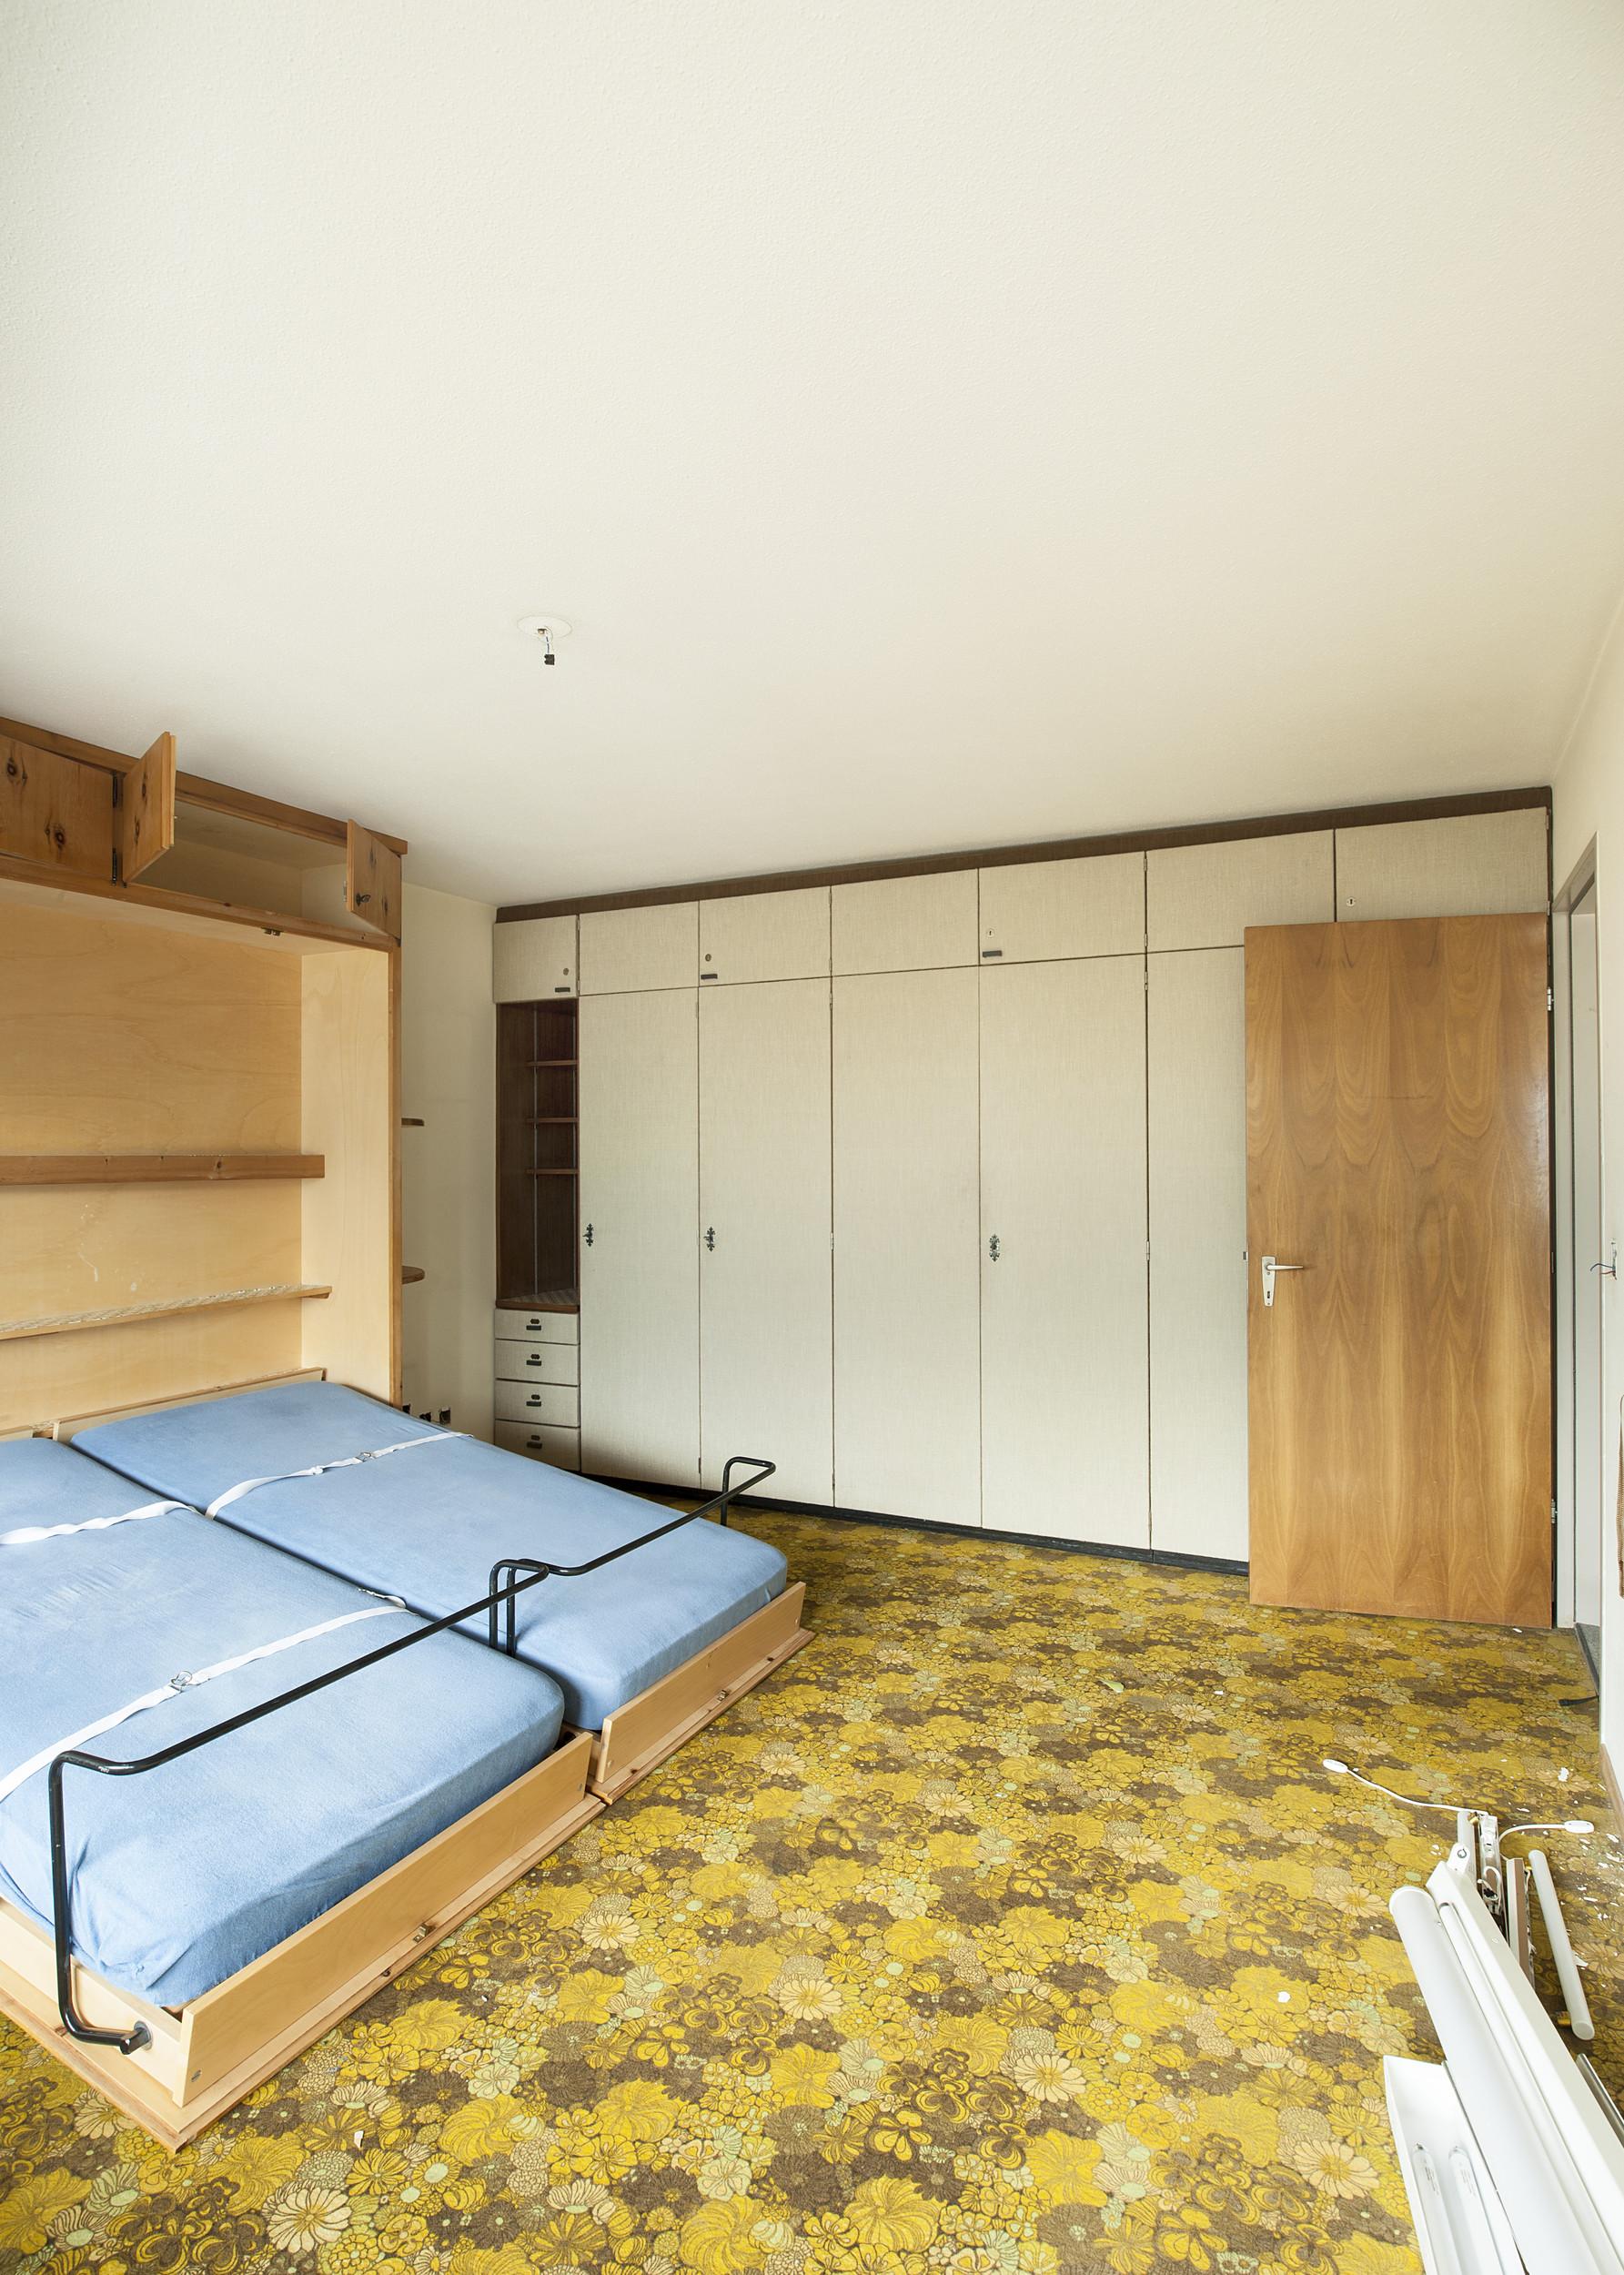 altes Schlafzimmer mit weissen Schränken und Boden mit Blumenmuster